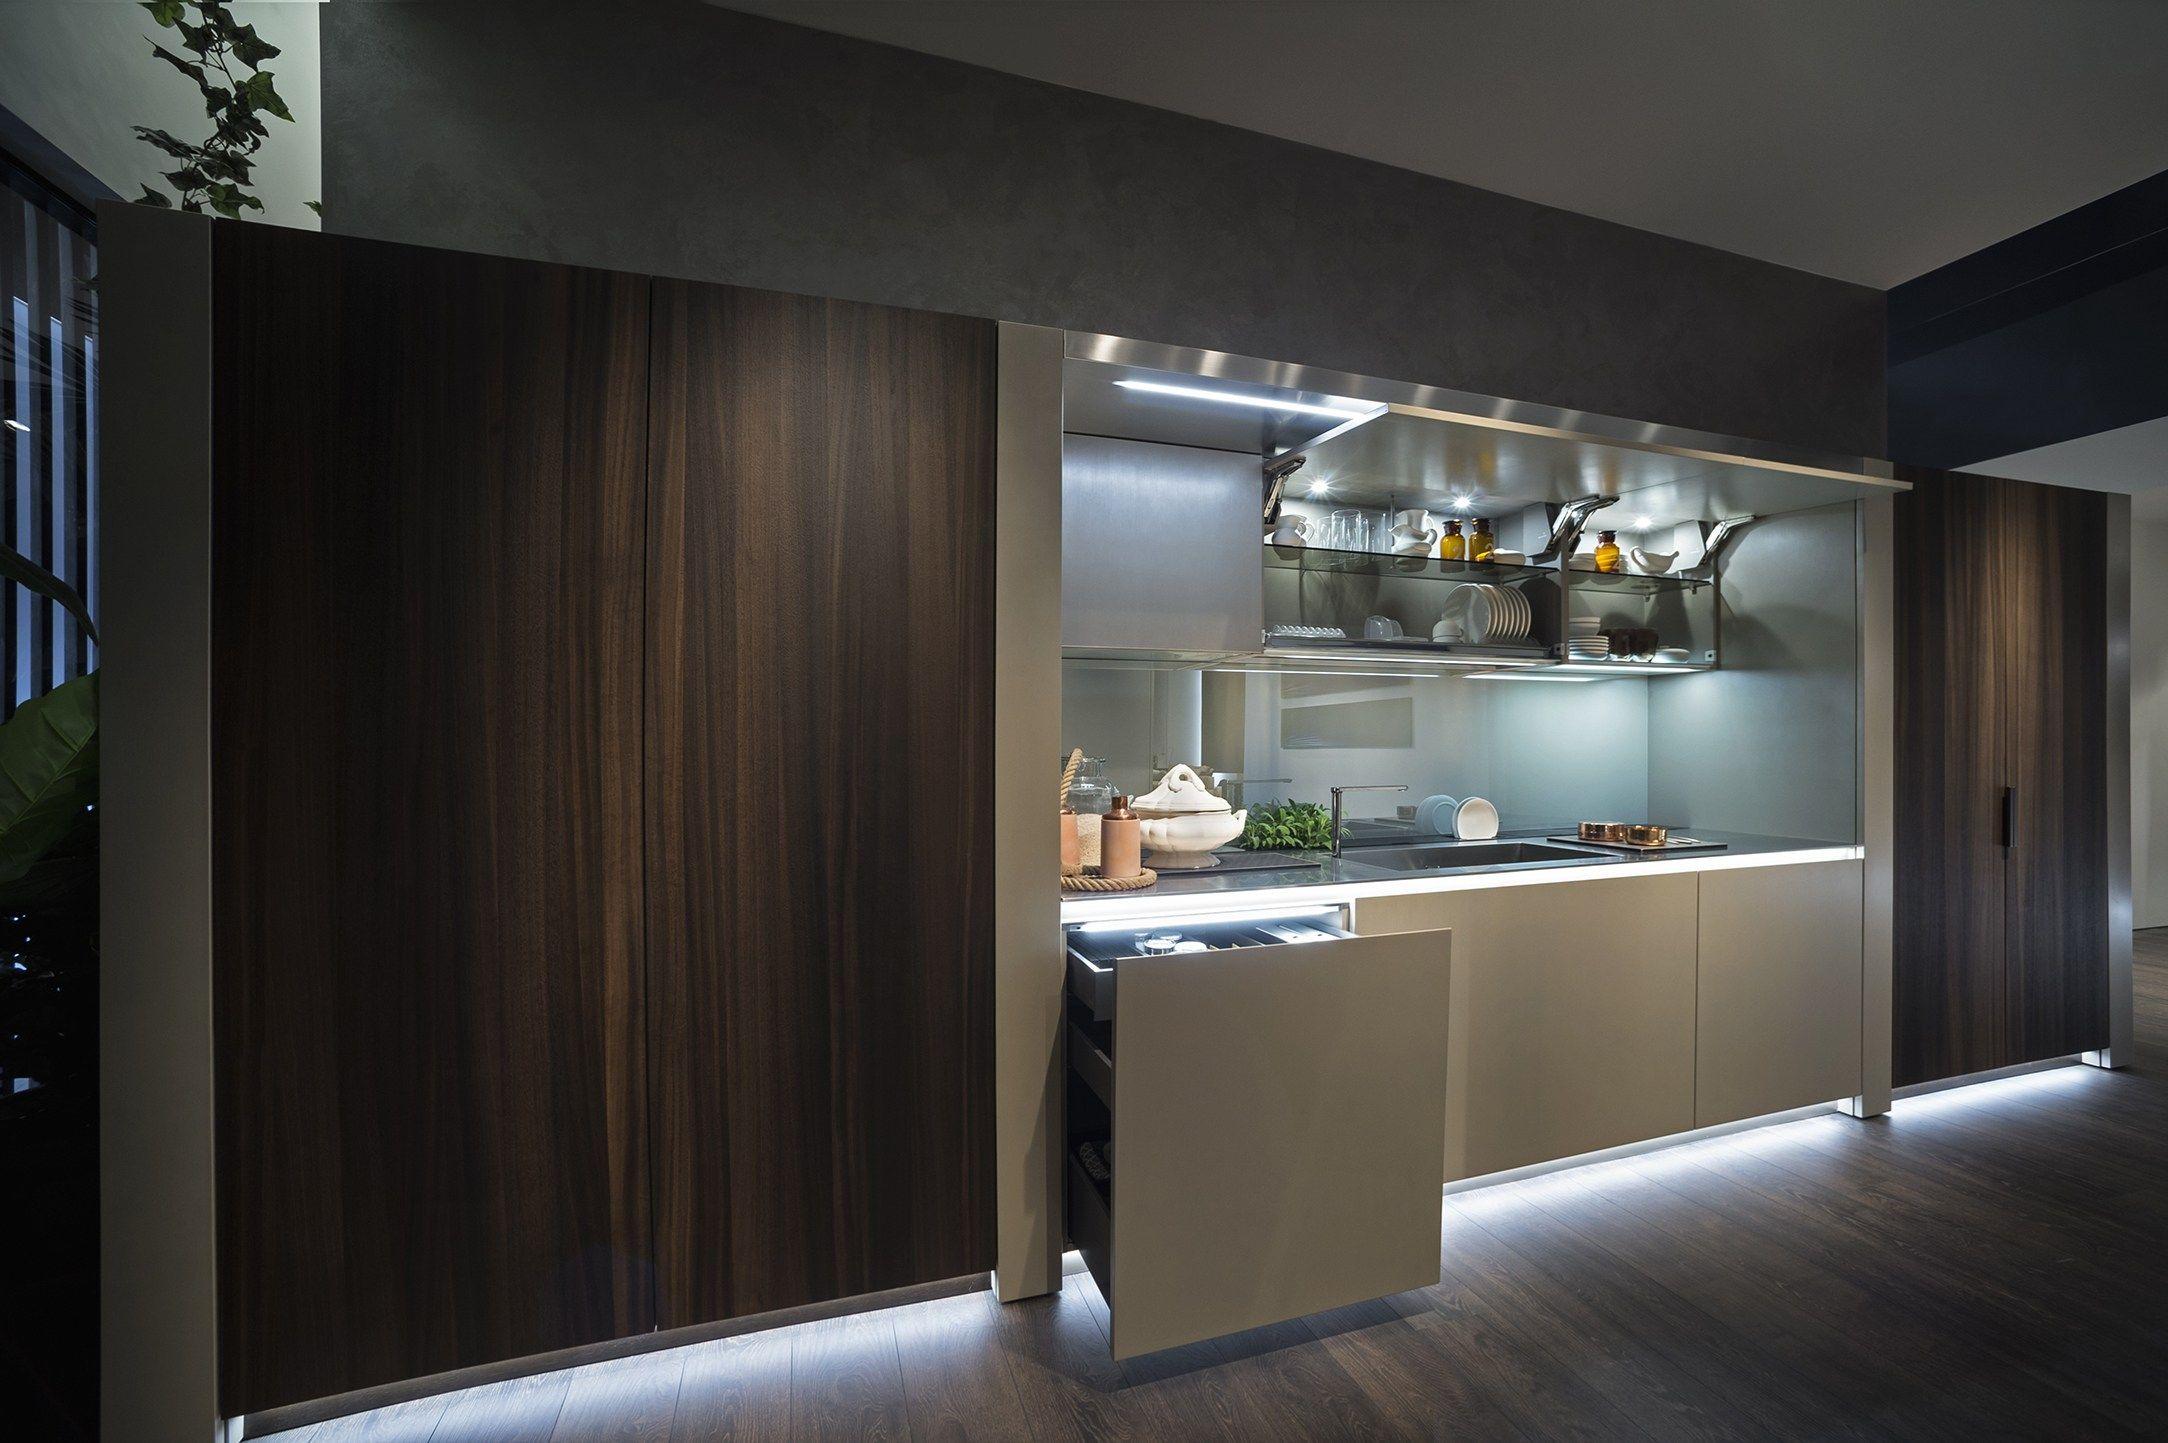 Arte cucina lineare collezione arte by euromobil design marco piva - Euromobil cucine prezzi ...